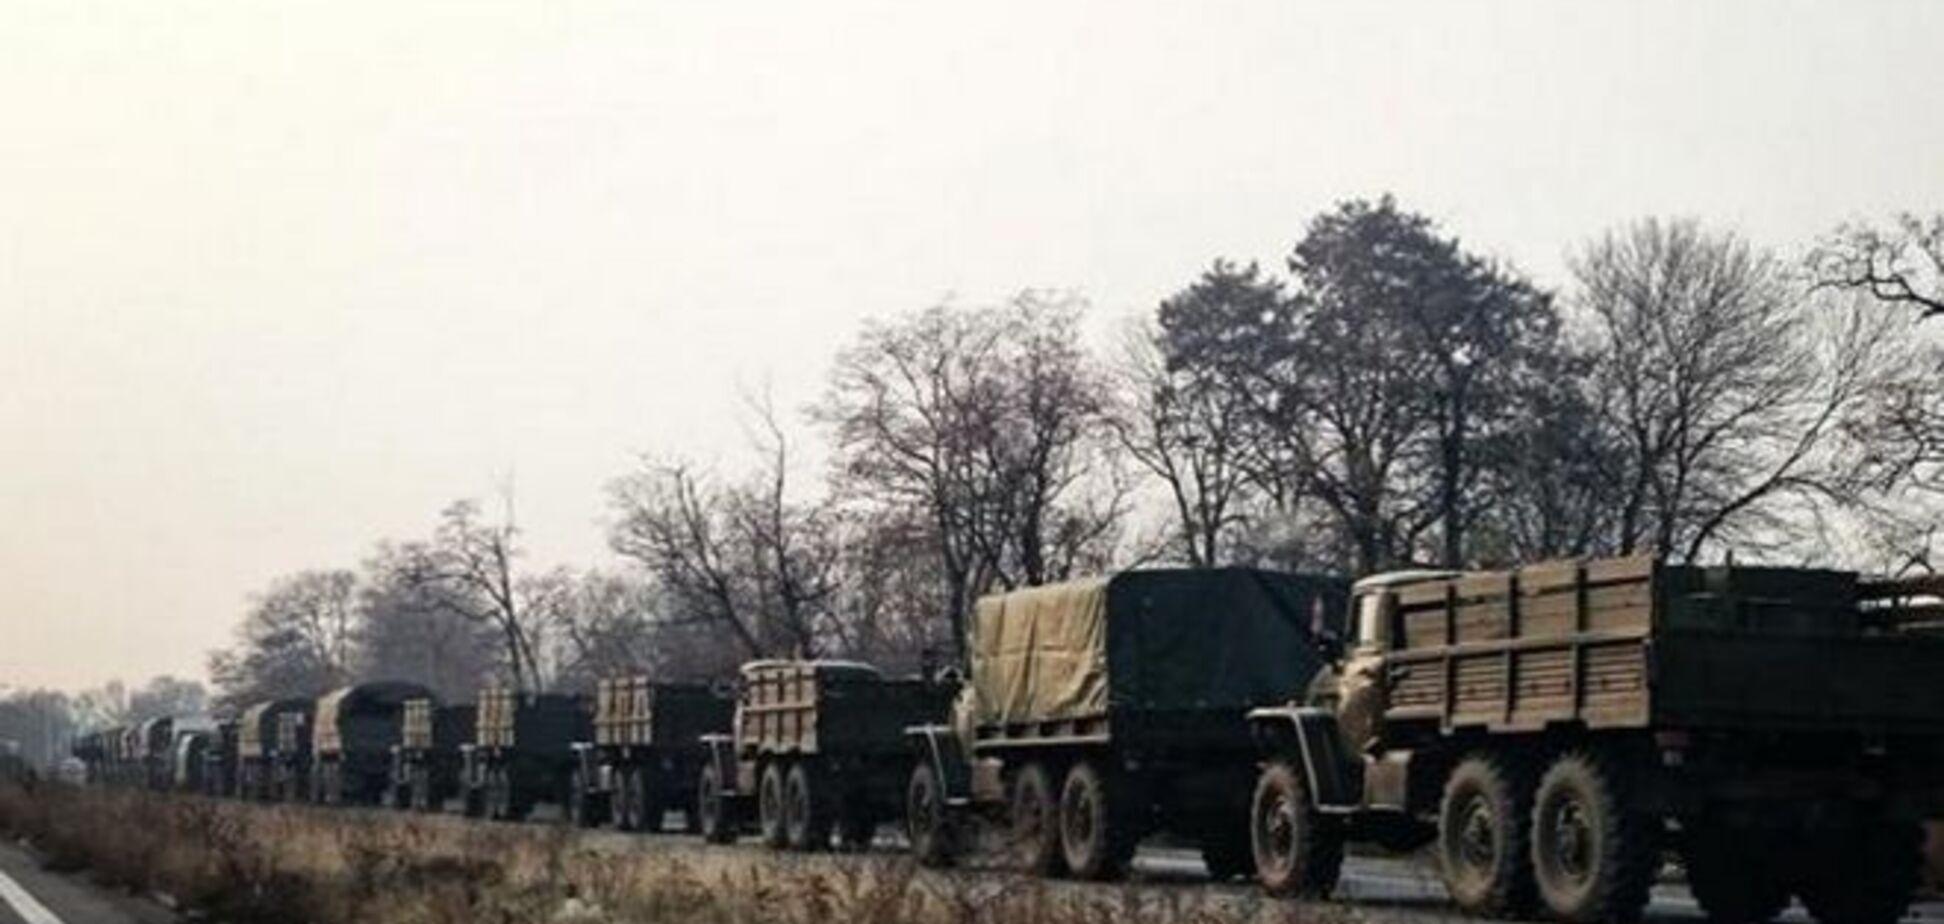 У штабі АТО підрахували, скільки російської техніки знаходиться зараз на озброєнні бойовиків